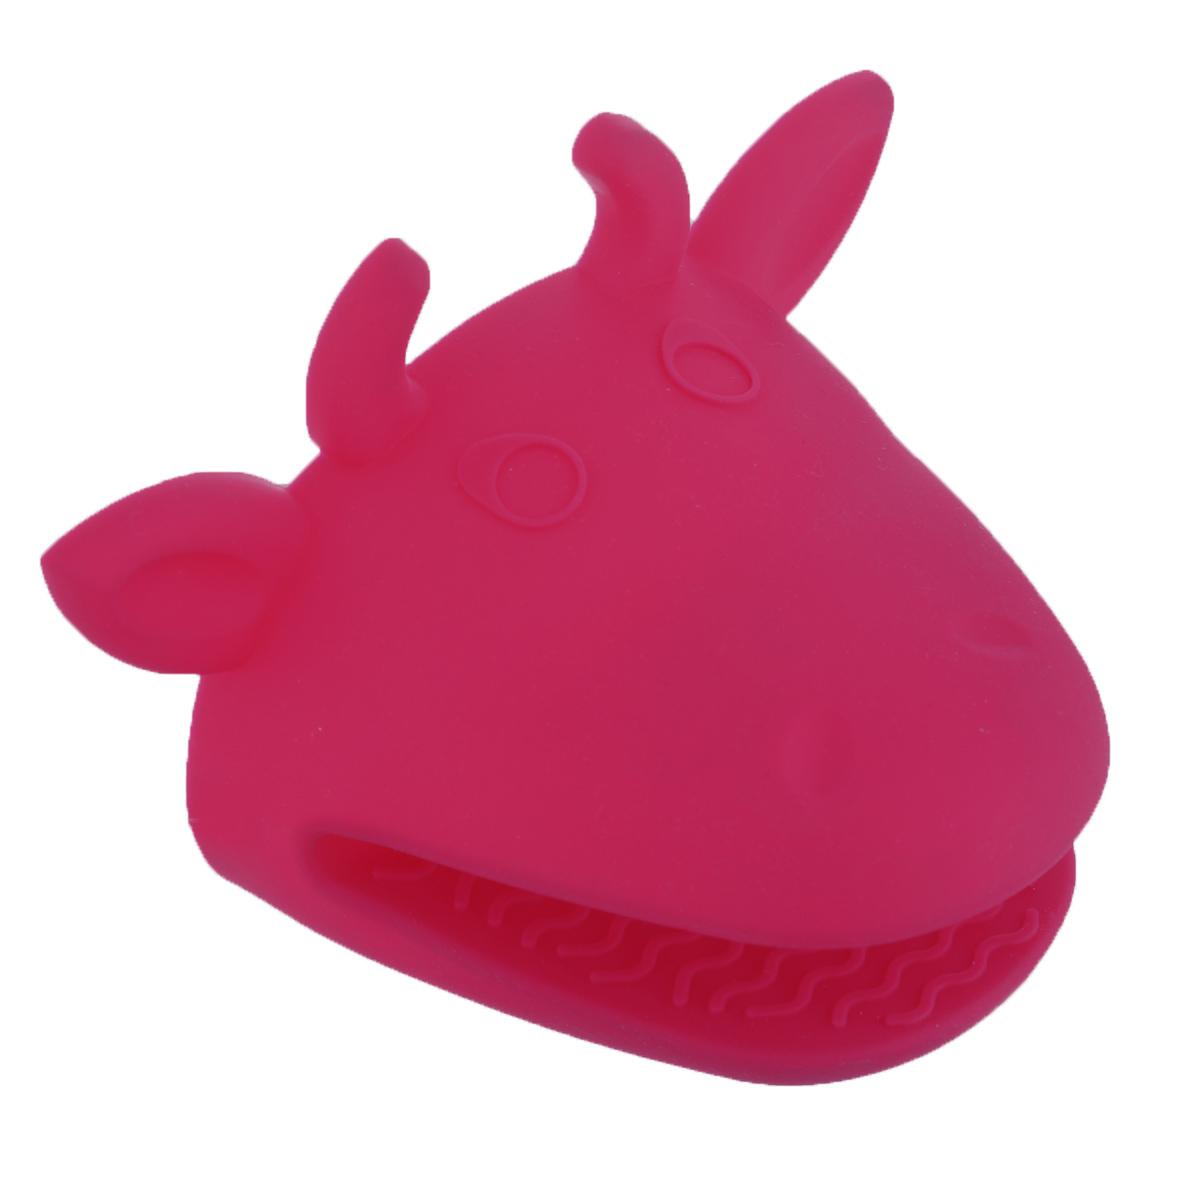 Прихватка Marmiton Корова, силиконовая, цвет: розовый16076Силиконовая прихватка Marmiton Корова, выполненная в виде забавной коровы, позволяет защитить ладонь и пальцы от нежелательного воздействия высоких температур. Ребристая поверхность предотвращает скольжение. Размер: 15 см x 10 см x 11 см.